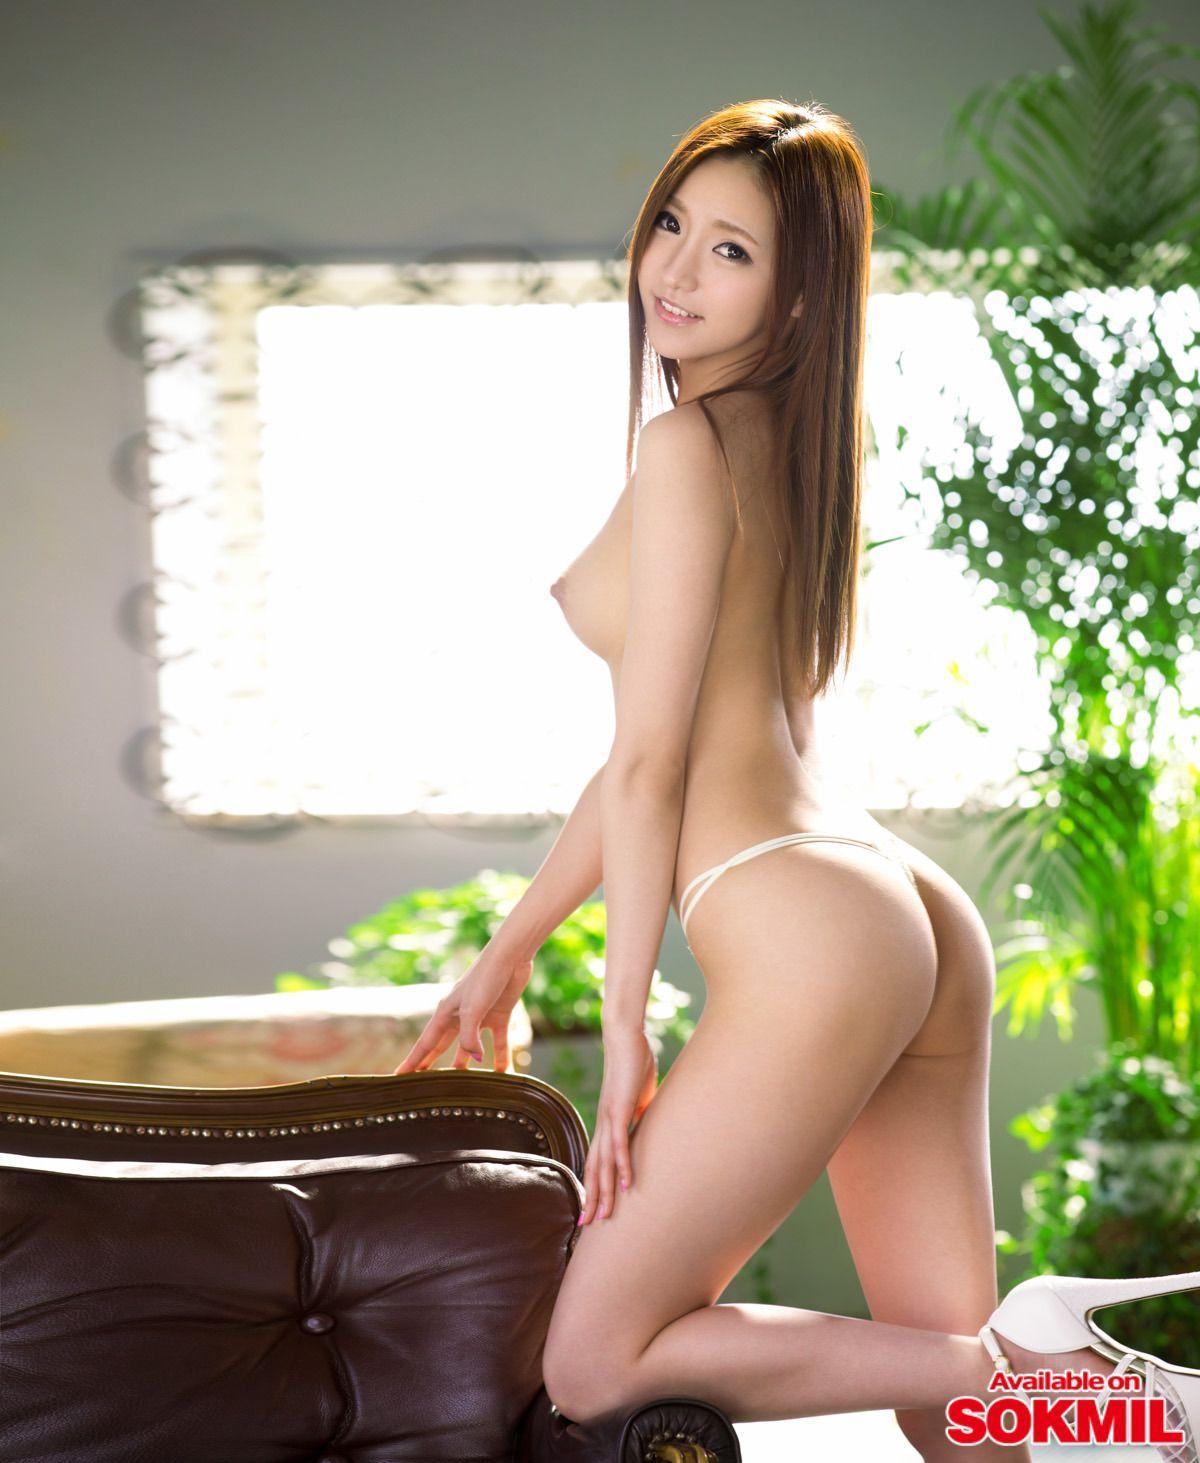 sokmil.com topless Pinterest